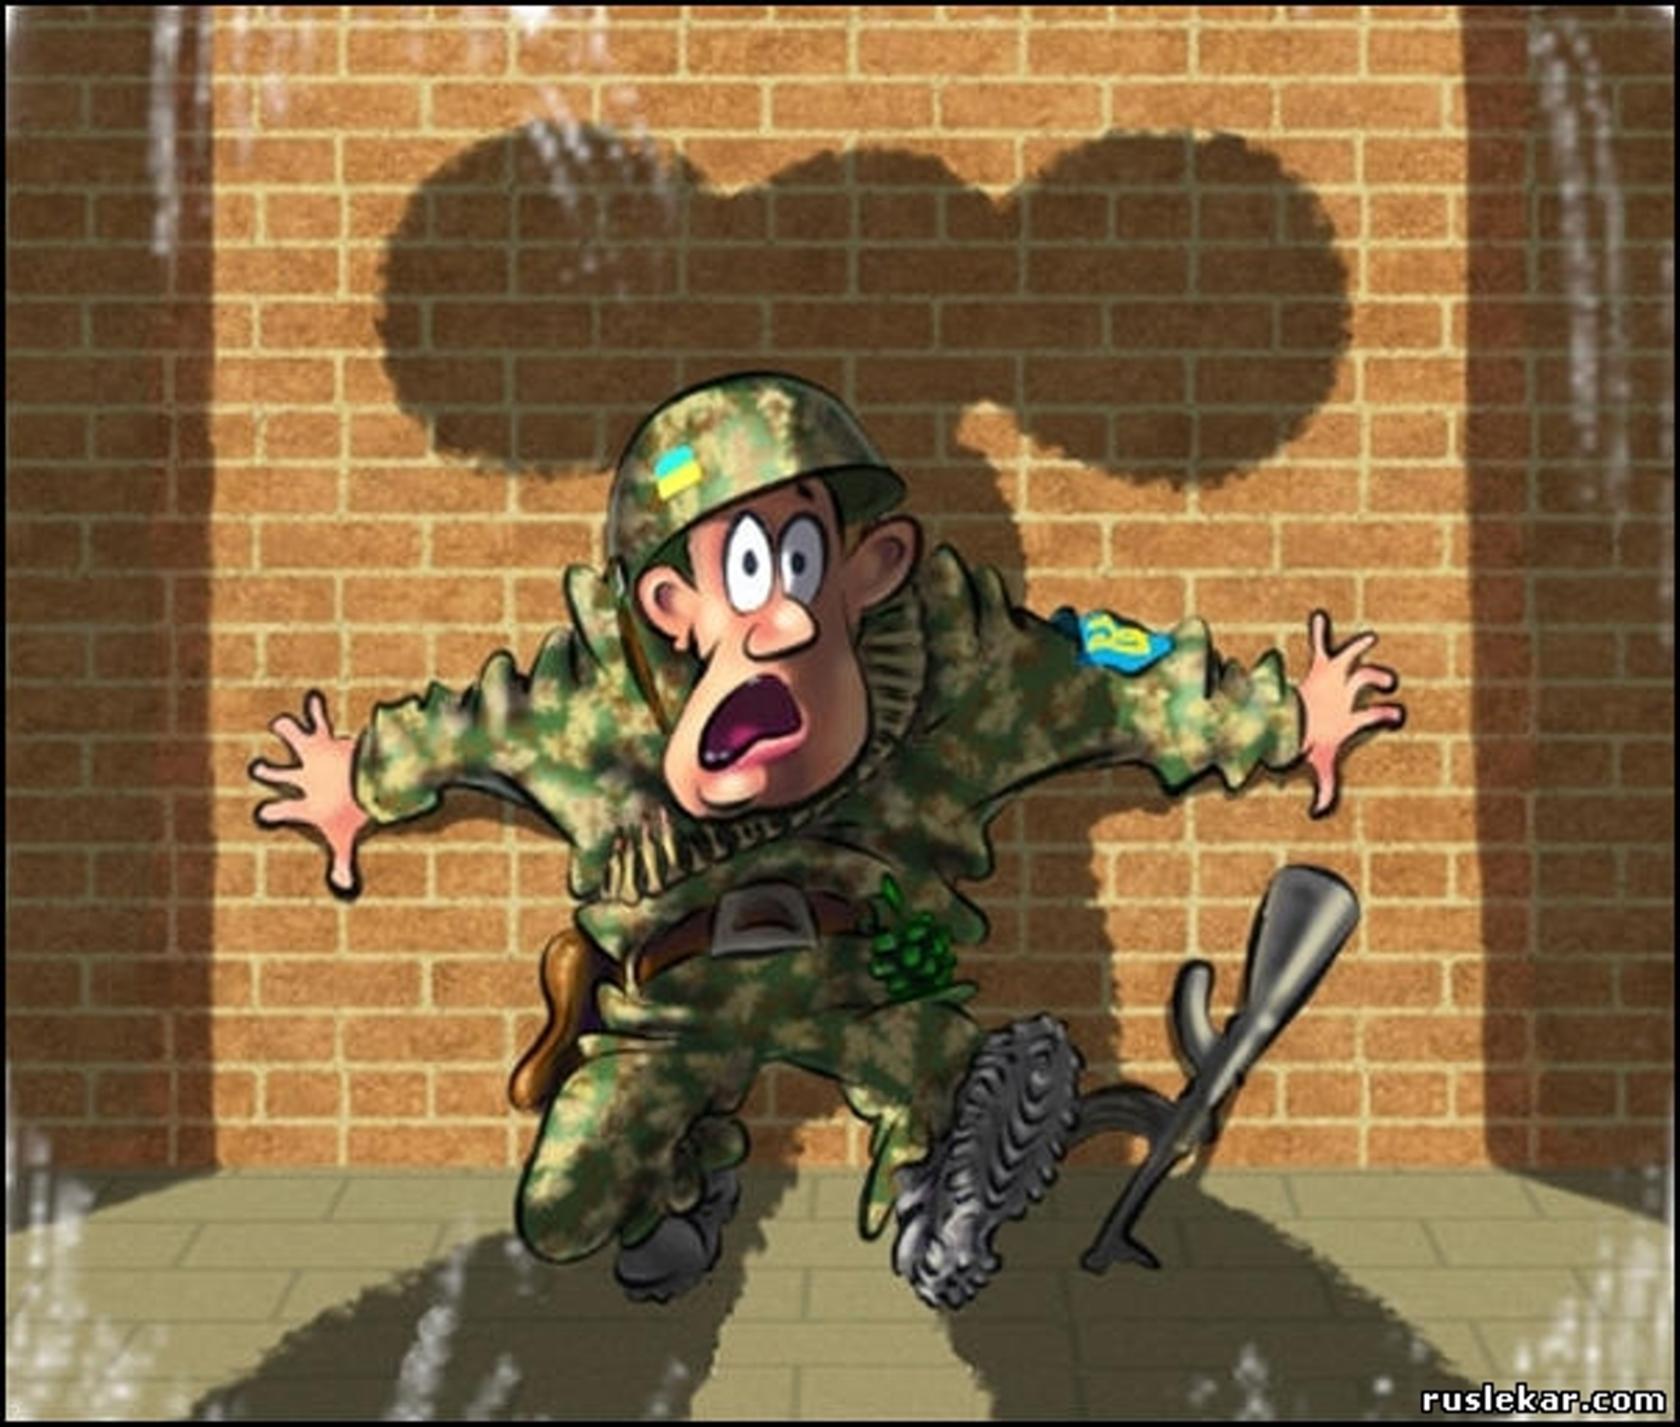 он, чебурашка военный картинки превращения брук облачился